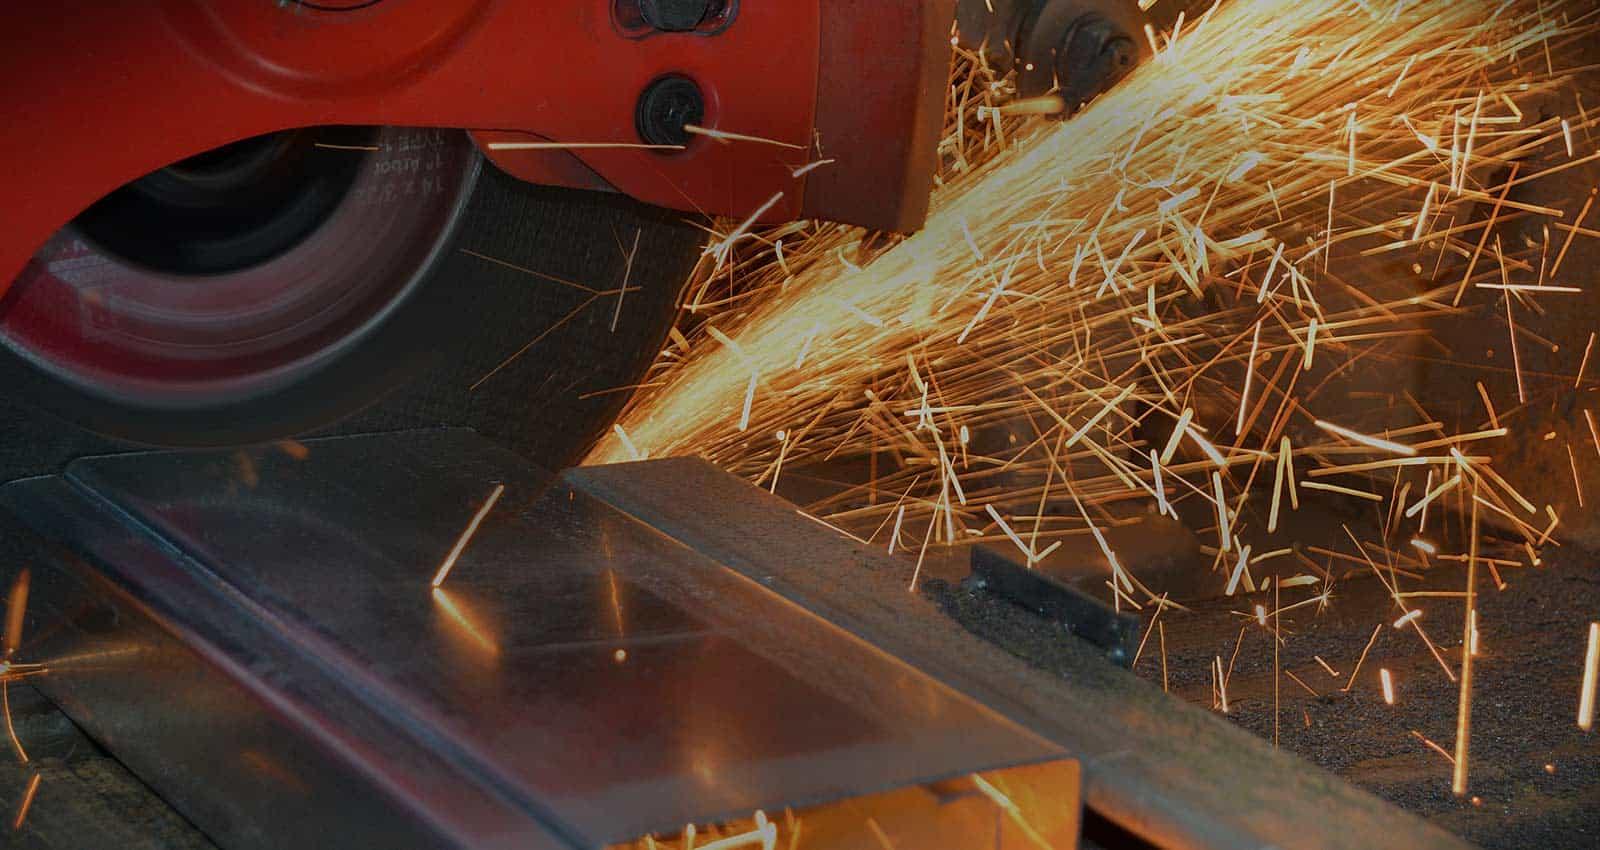 scrap-metal-tools-equipment